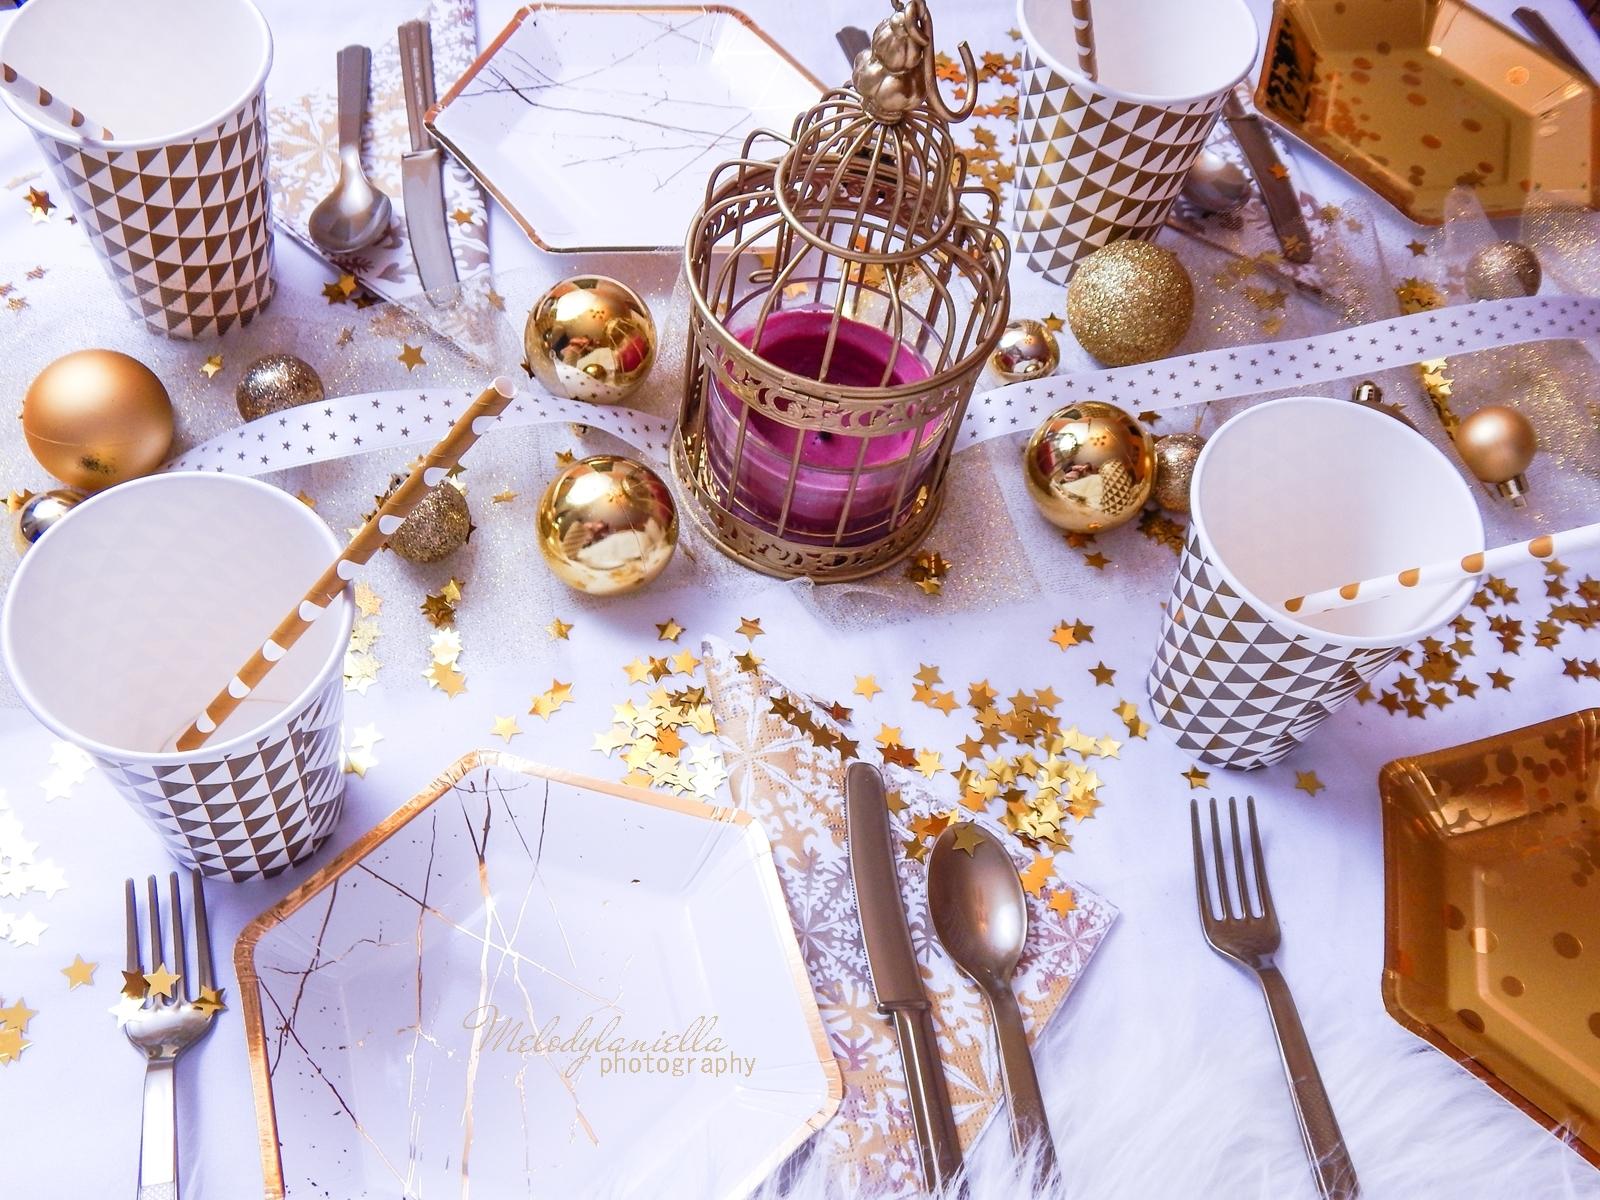 20 jak udekorować stół na imprezę dekoracja stołu karnawałowego świątecznego weselnego urodzinowego dekoracje dodatki partybox.pl partybox sklep z dodatkami na imprezy ciekawe gadżety